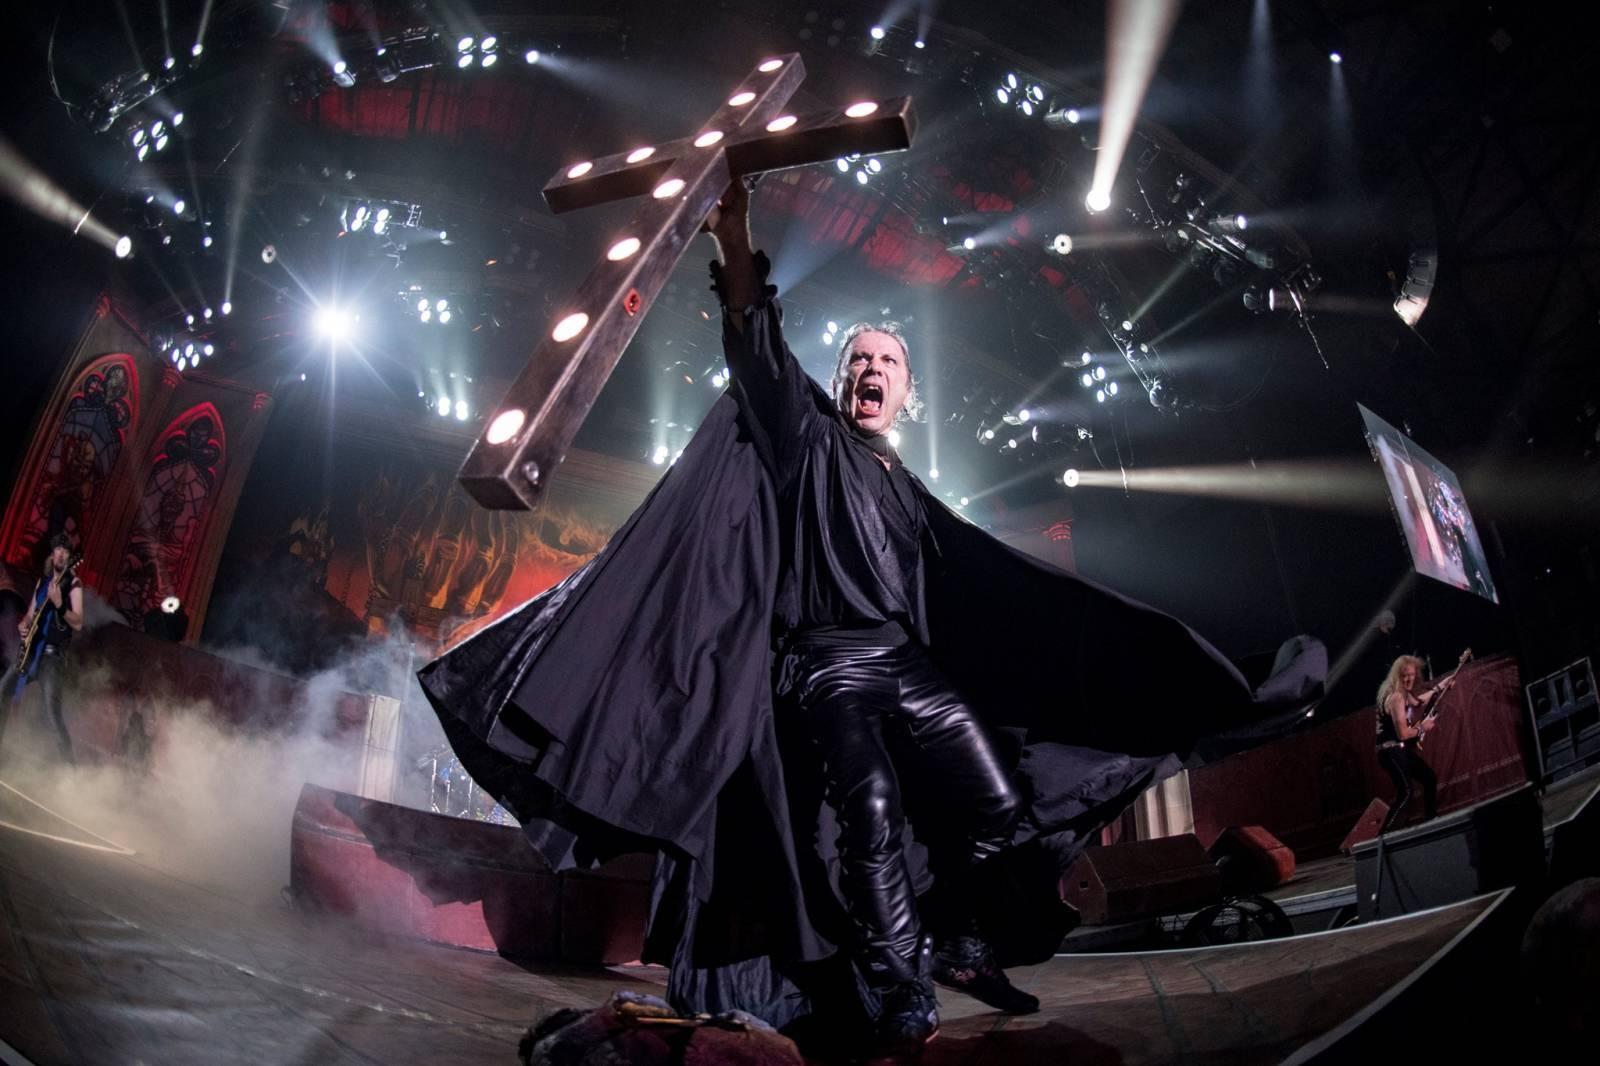 RECENZE: Iron Maiden vyžadují pozornost, trpělivé odměna nemine